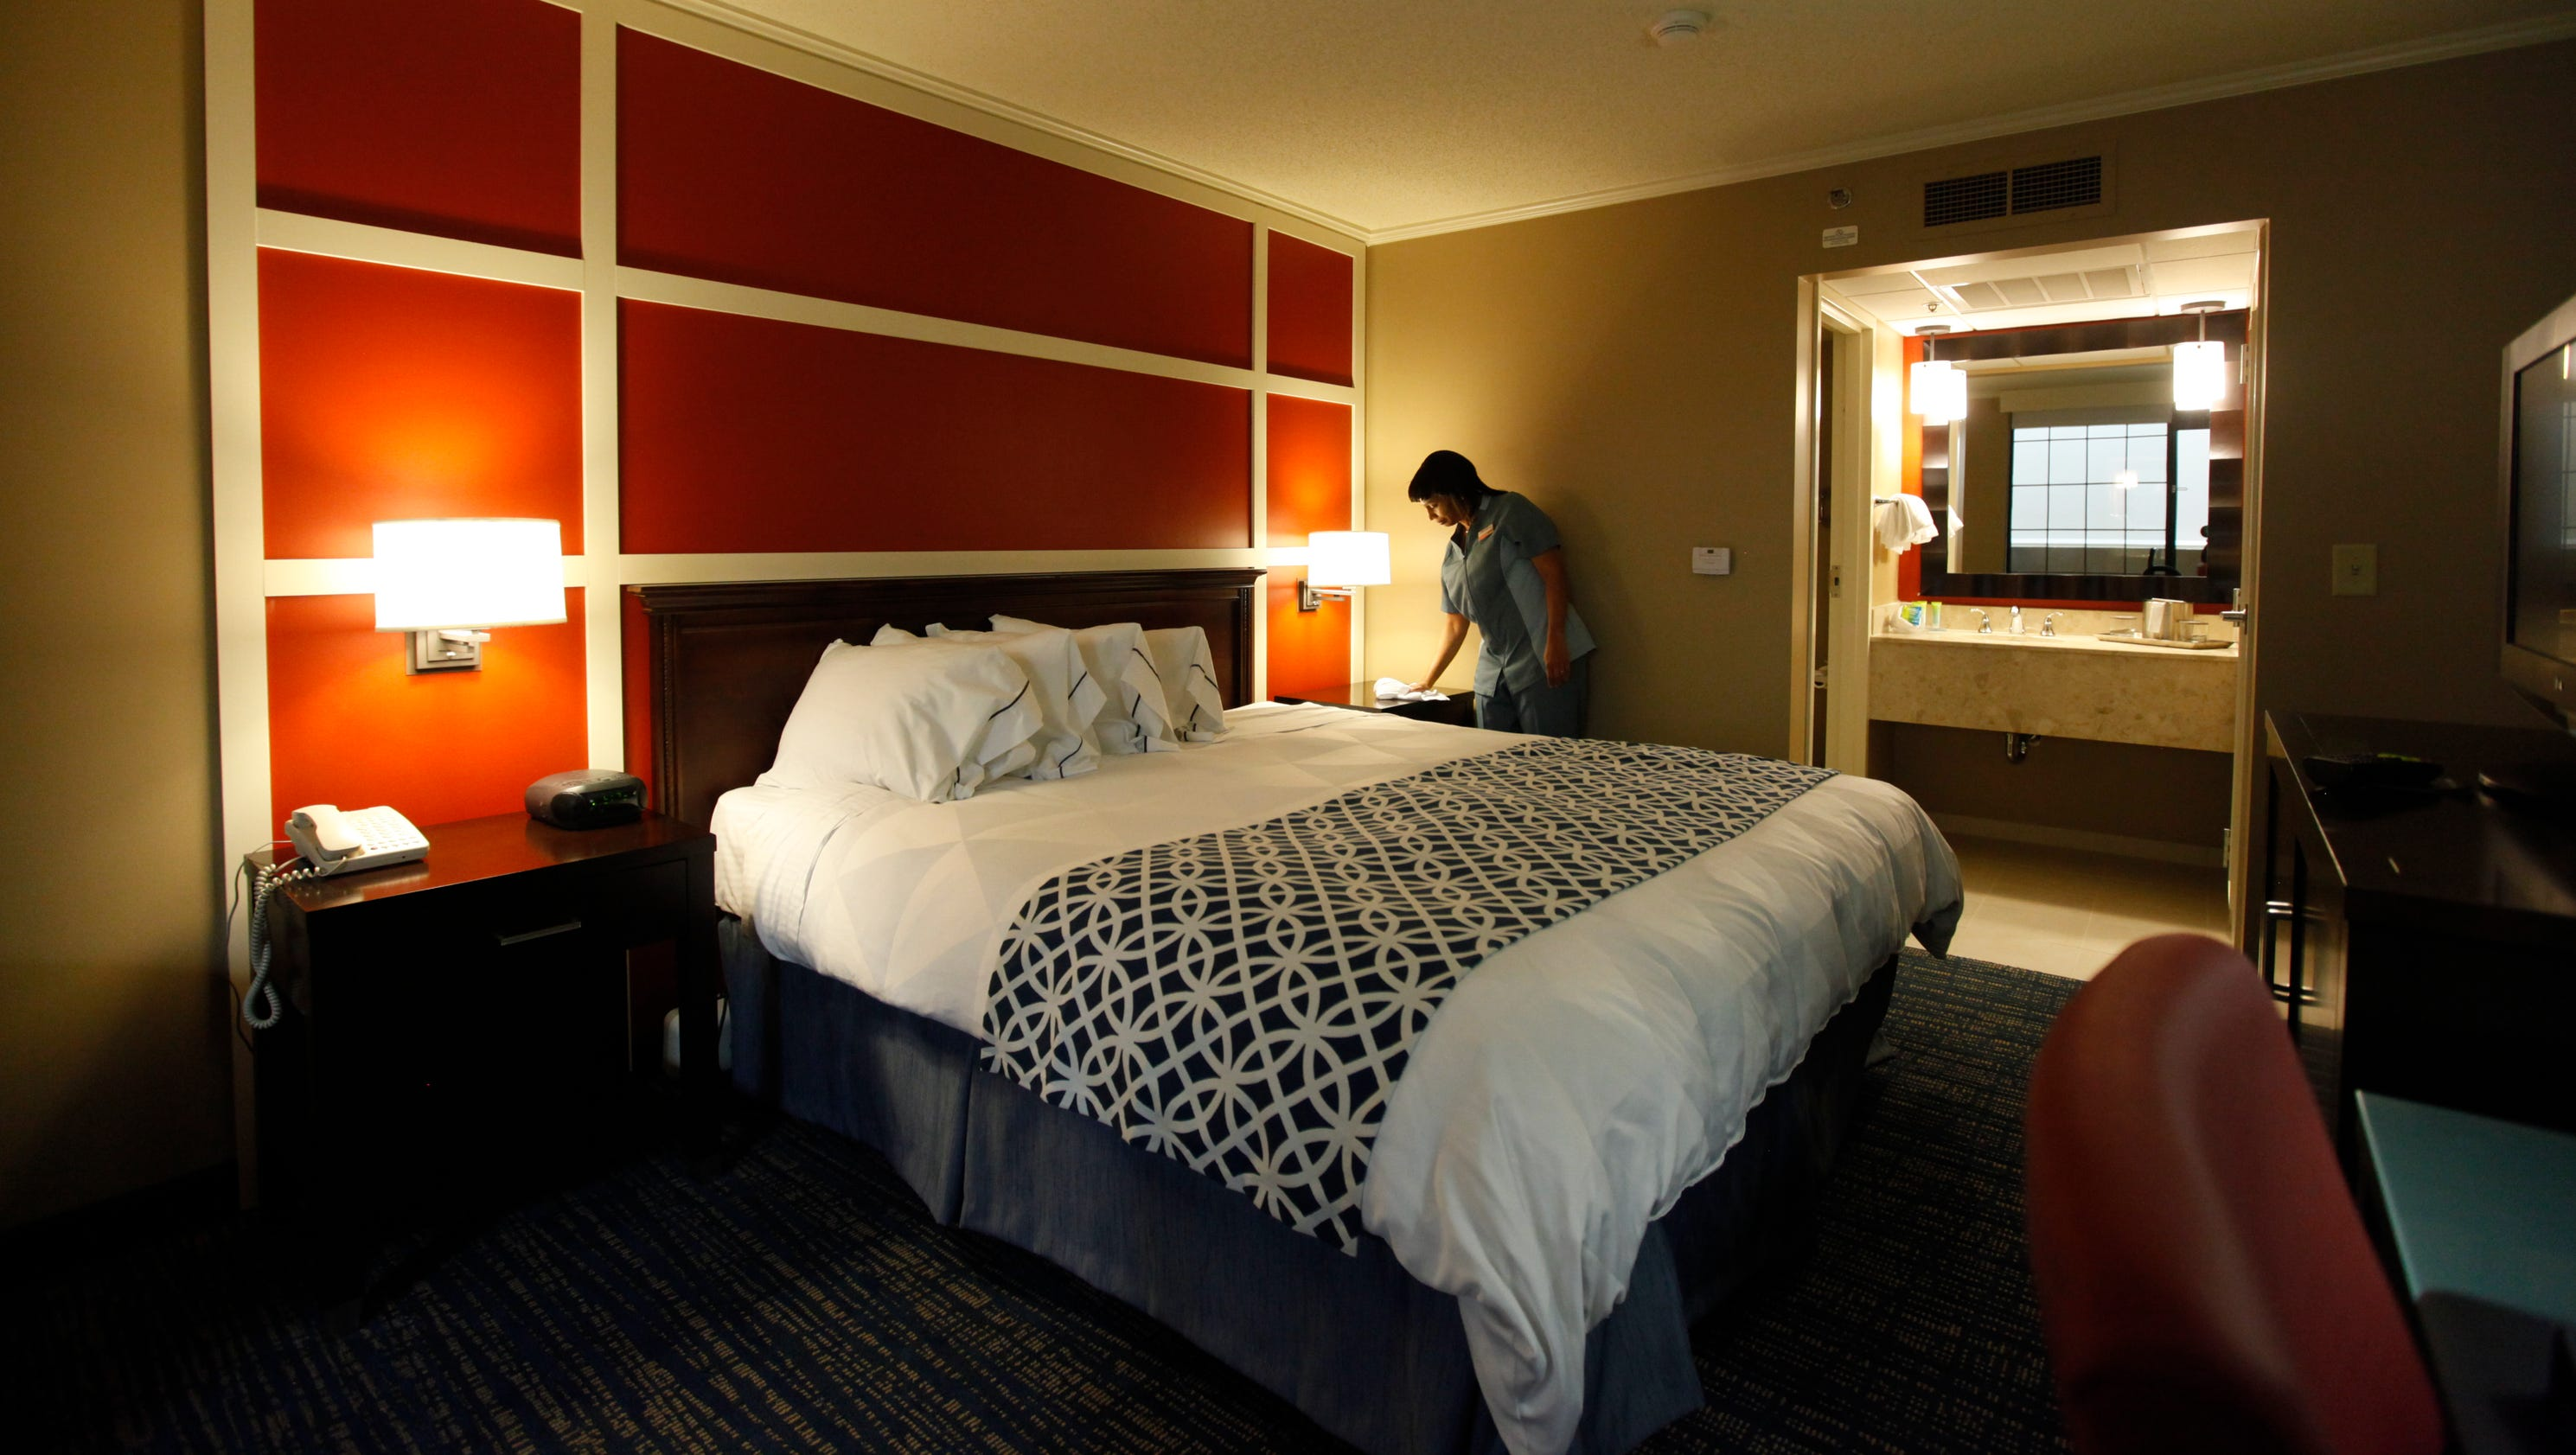 Motel  Housekeeping